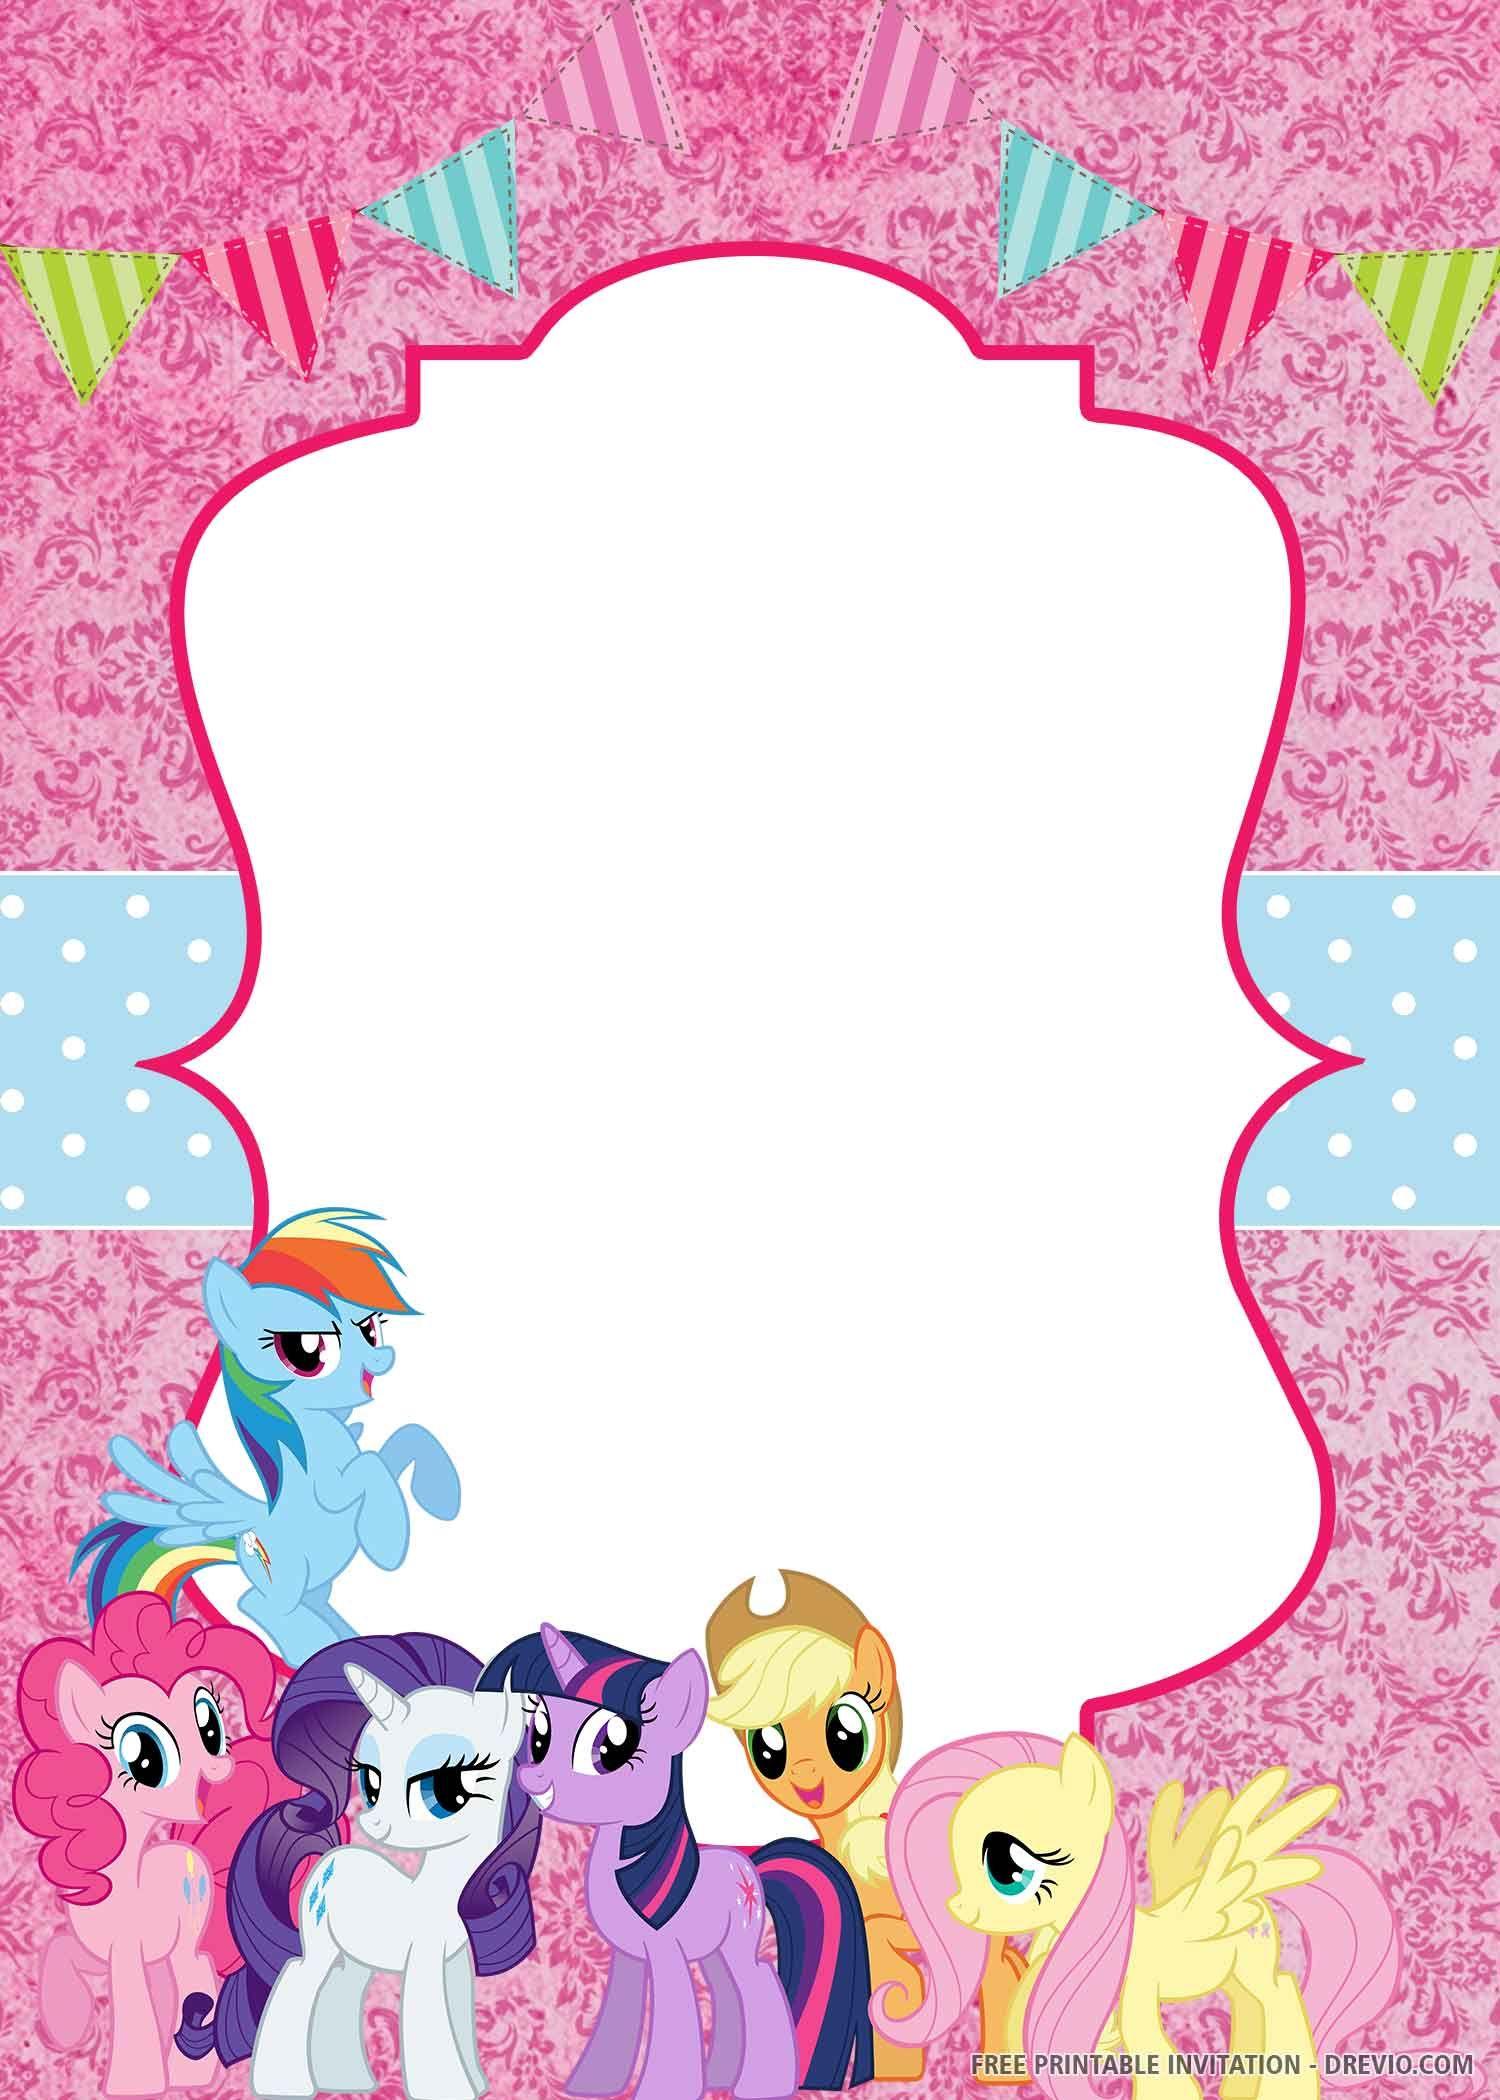 Free Printable My Little Pony Invitation Templates My Little Pony Invitations My Little Pony Birthday Pony Birthday